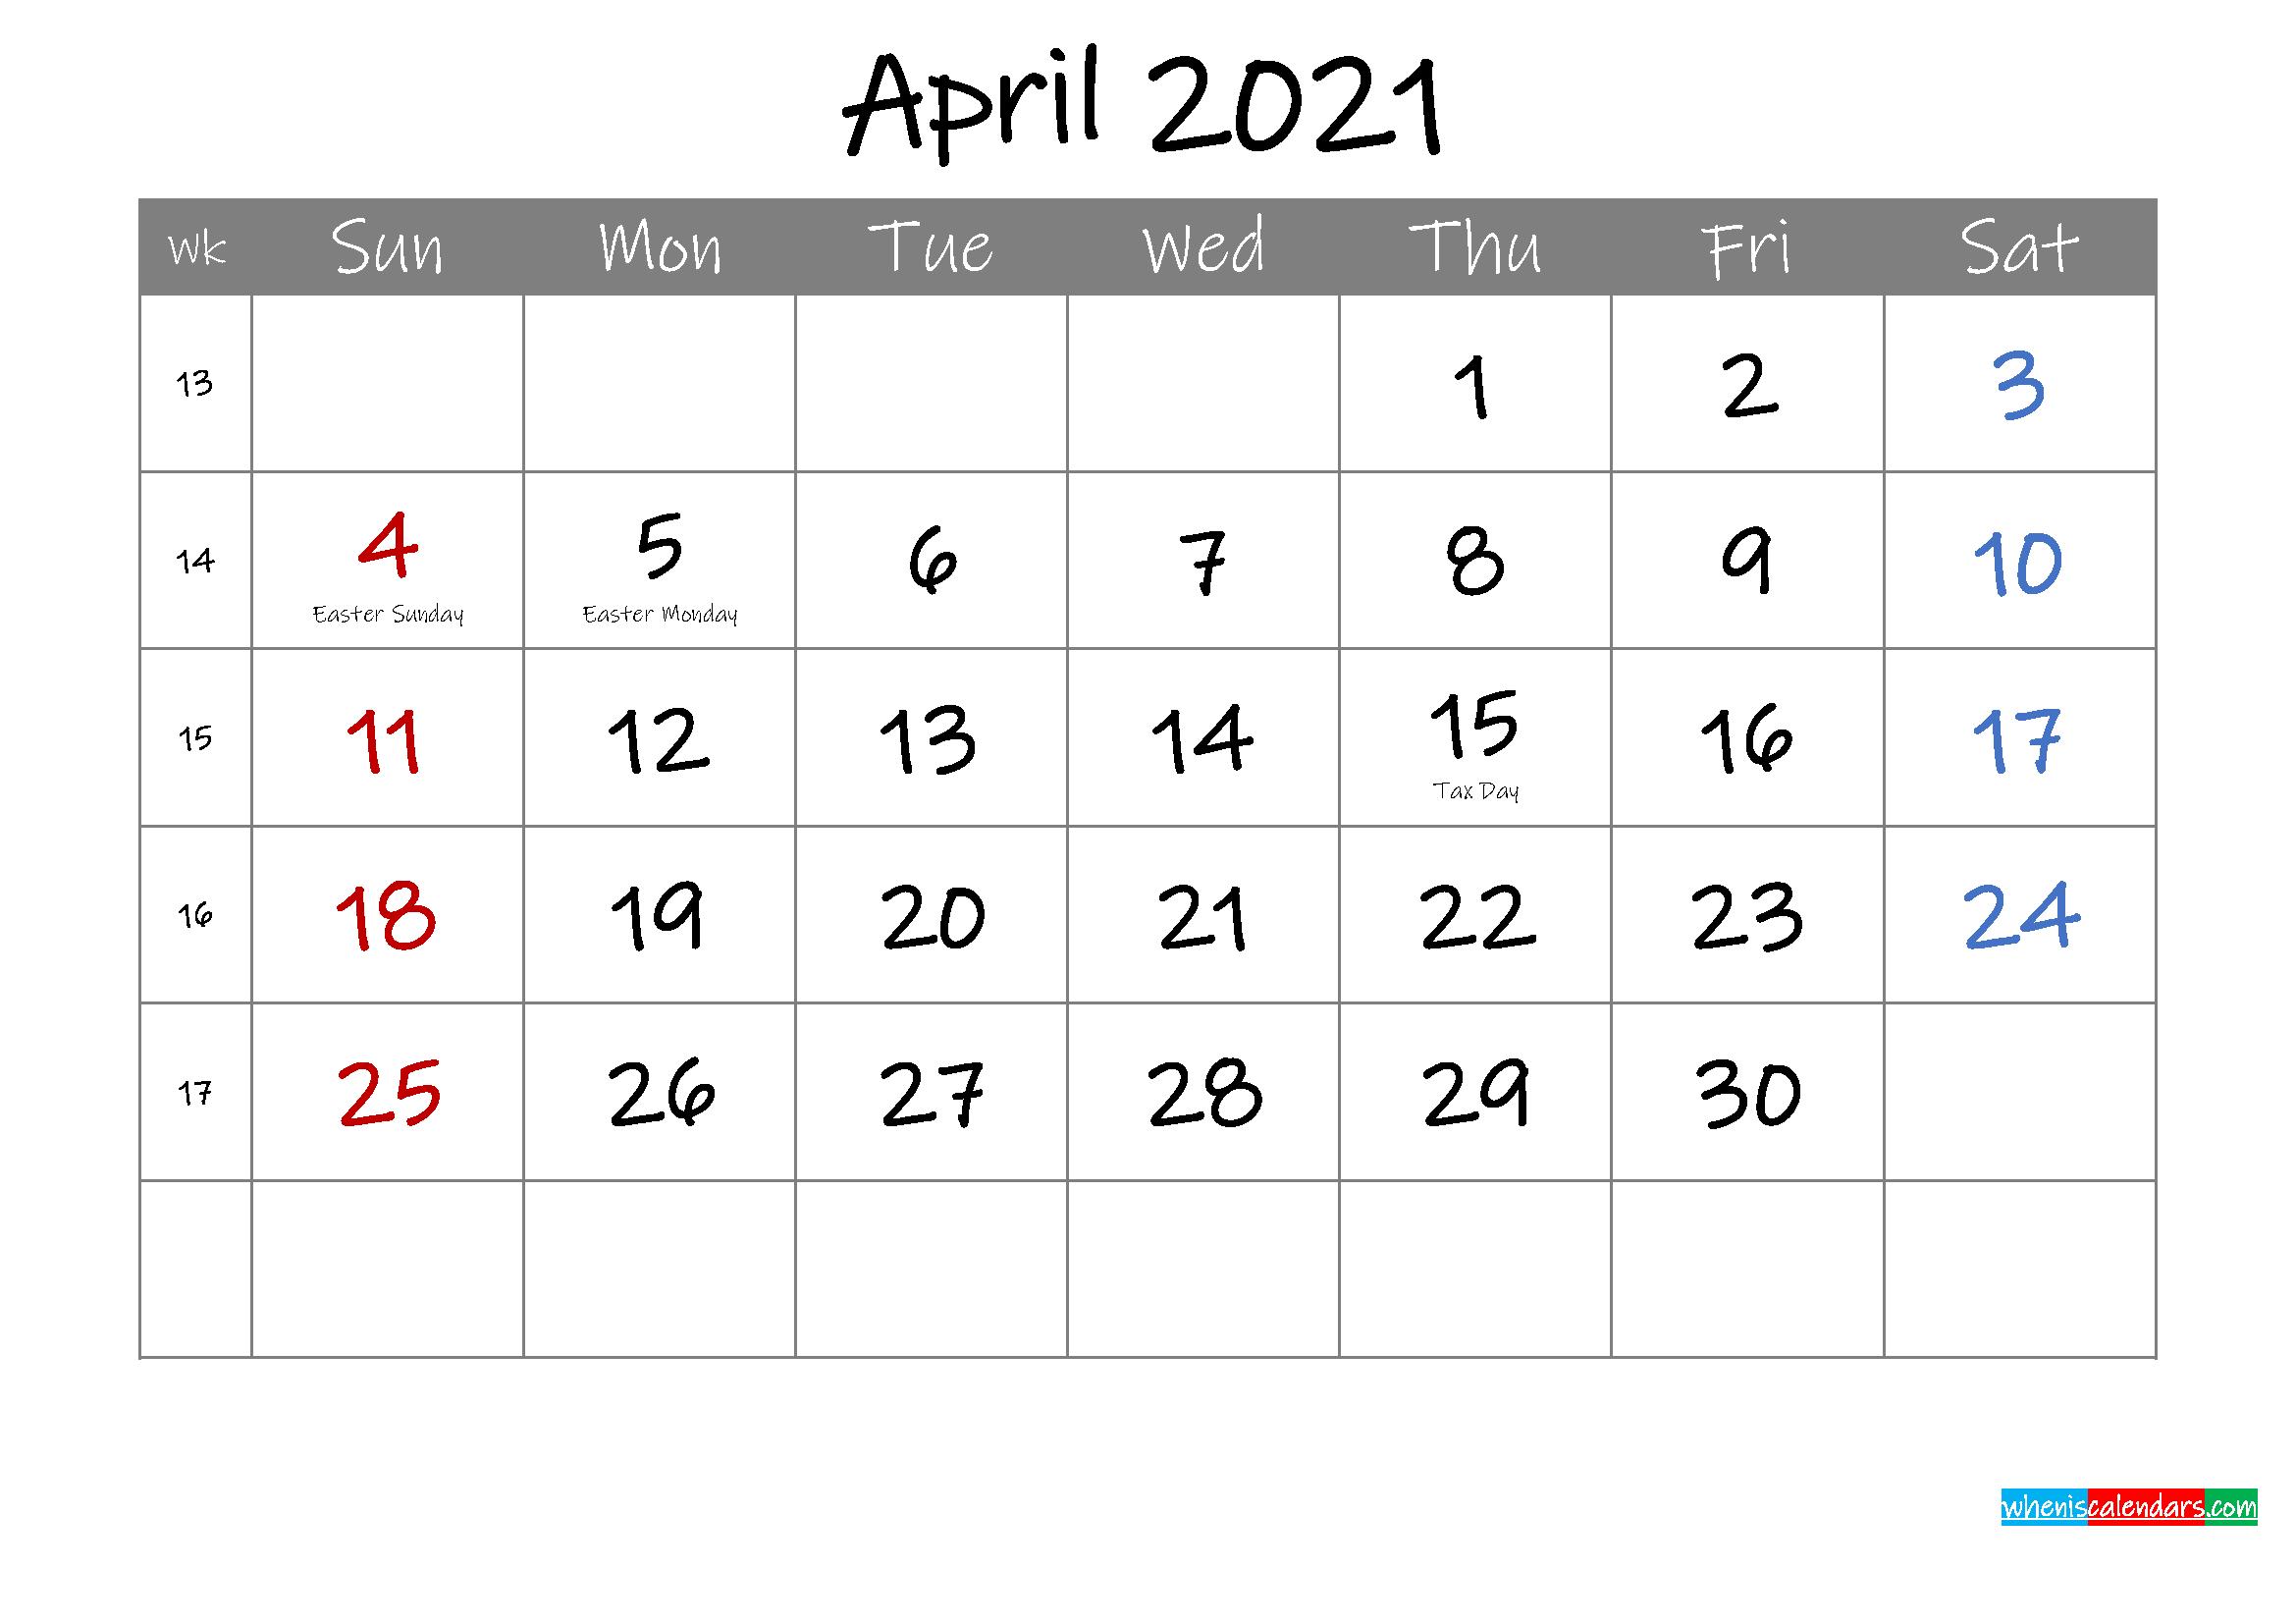 Editable April 2021 Calendar with Holidays